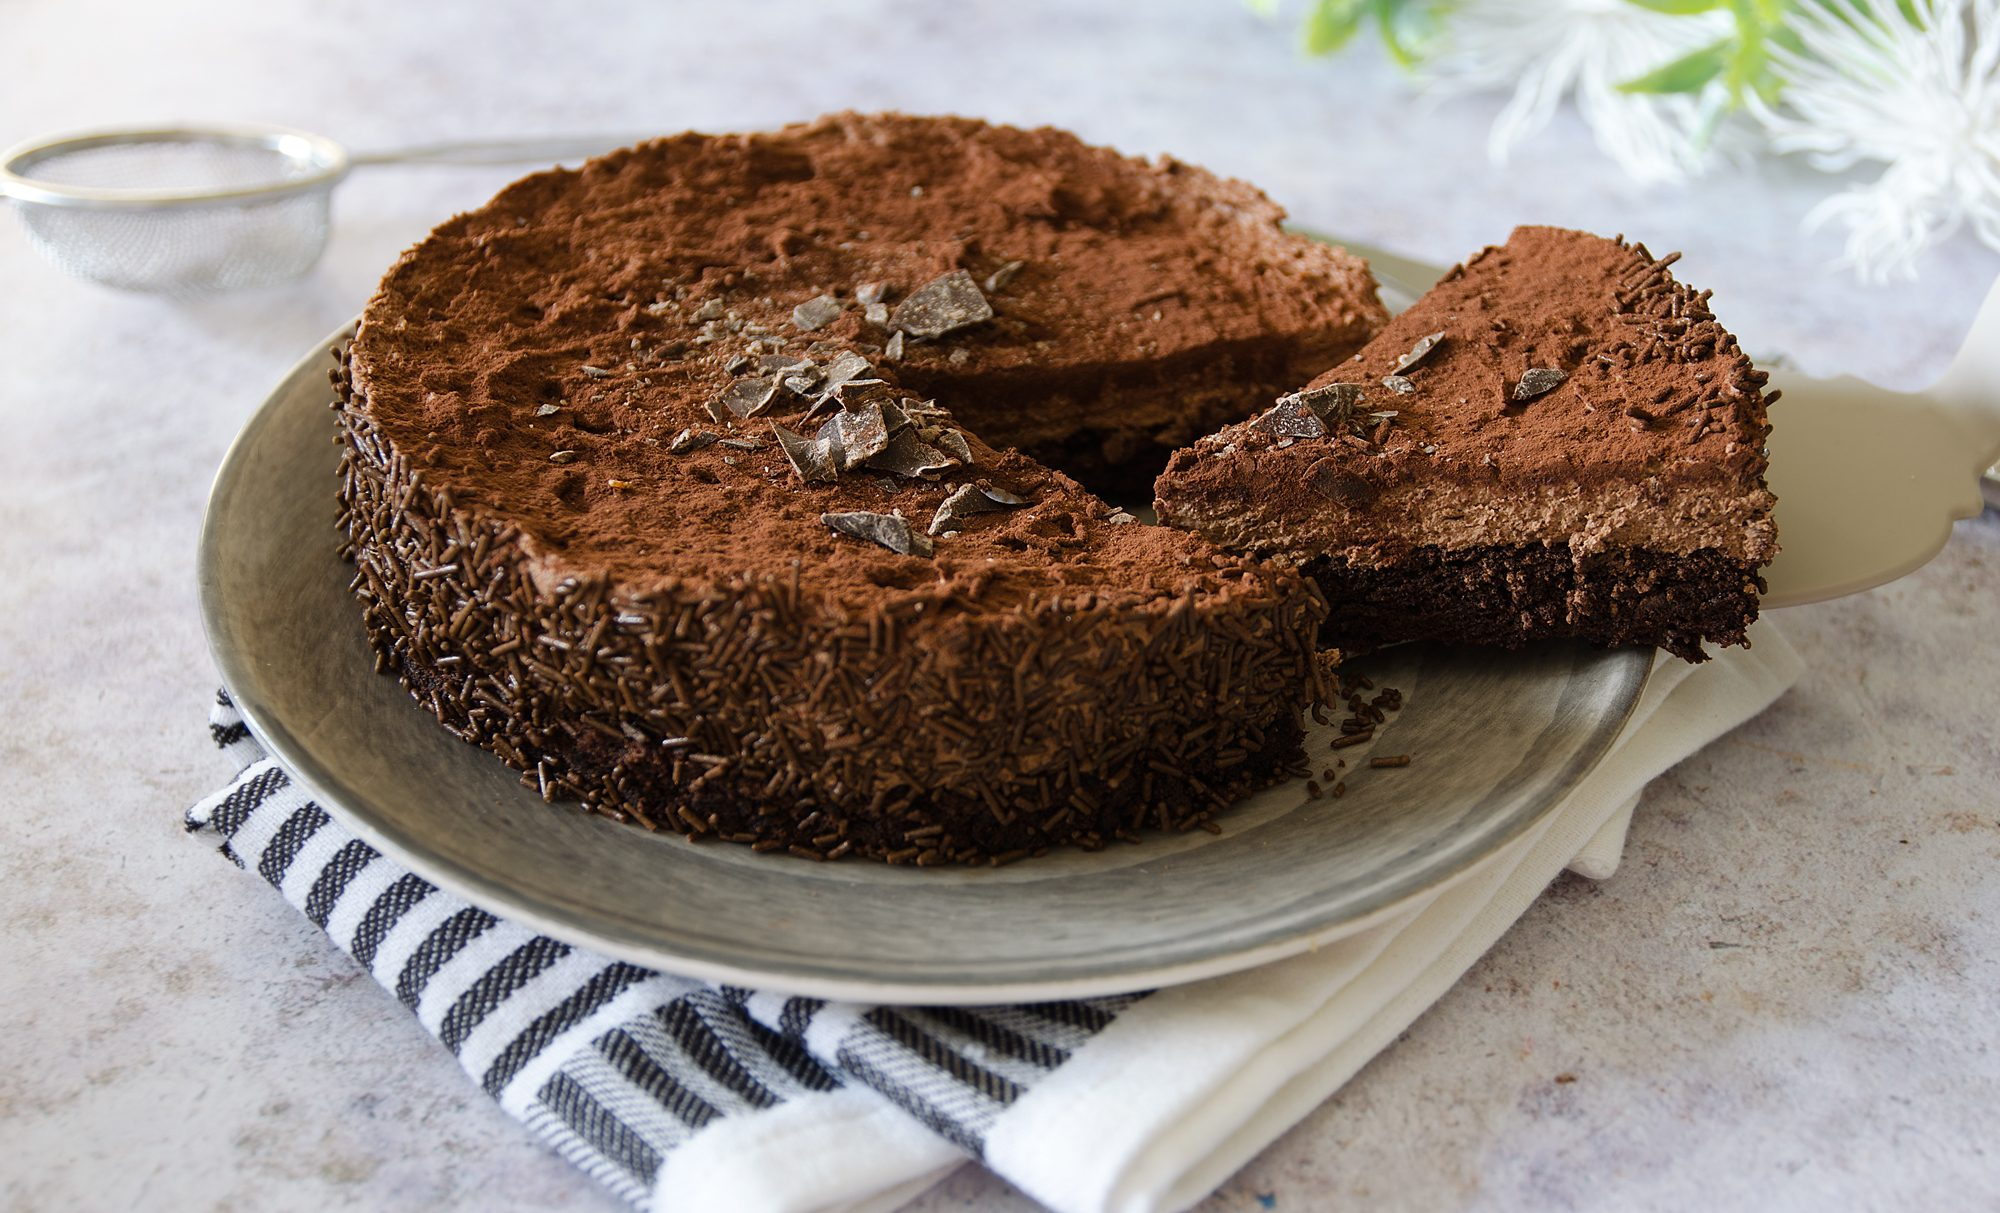 Torta Afrika: la ricetta del dolce al cioccolato firmato dal pasticciere Ernst Knam